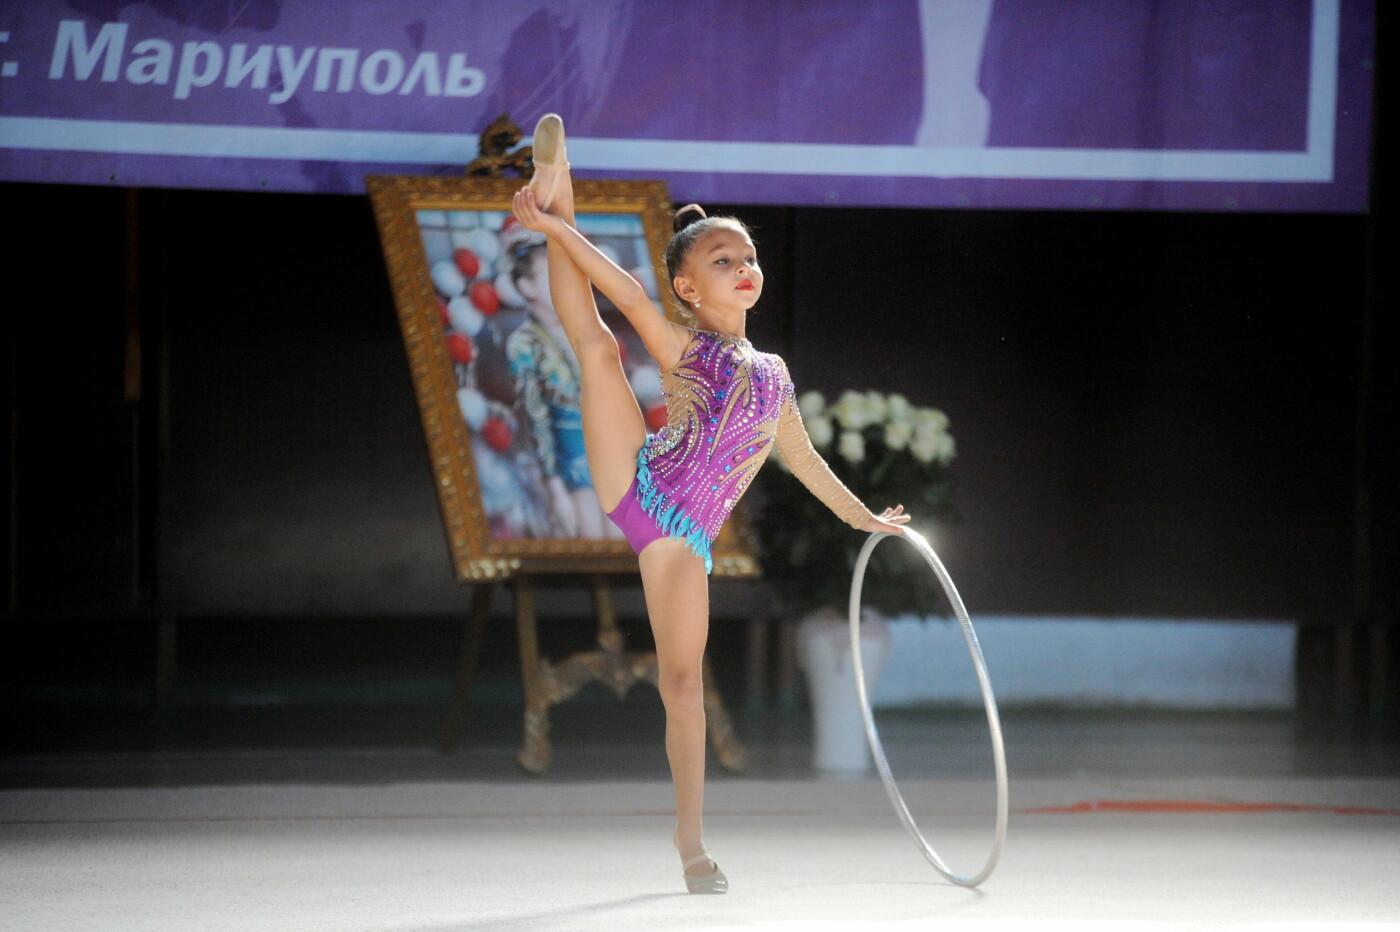 Мариупольцев приглашают на 9-й турнир по художественной гимнастике «Елизавета», фото-57